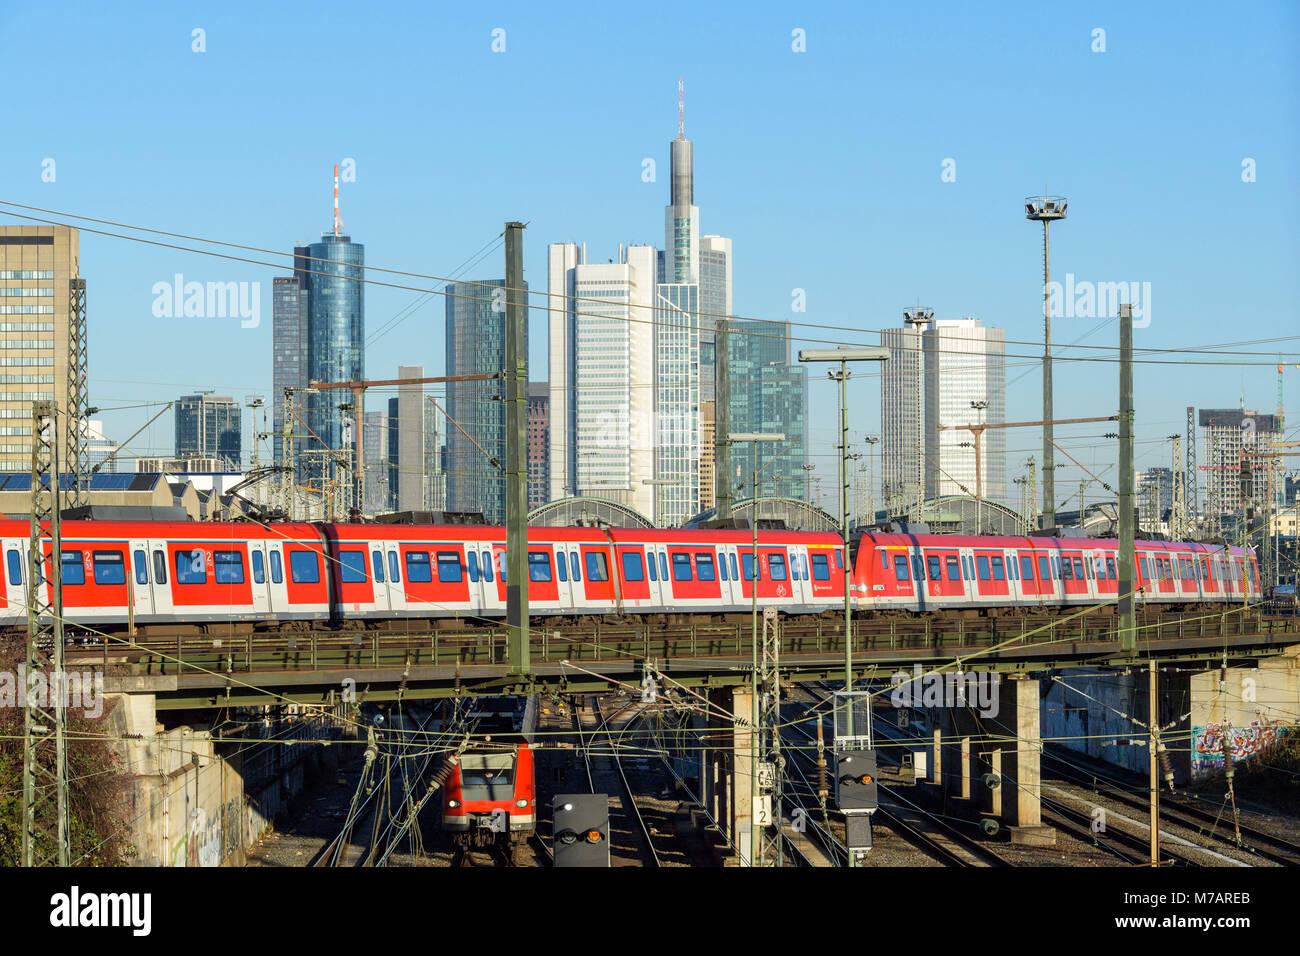 Regionale Zug vor der Skyline, Frankfurt am Main, Hessen, Deutschland Stockbild